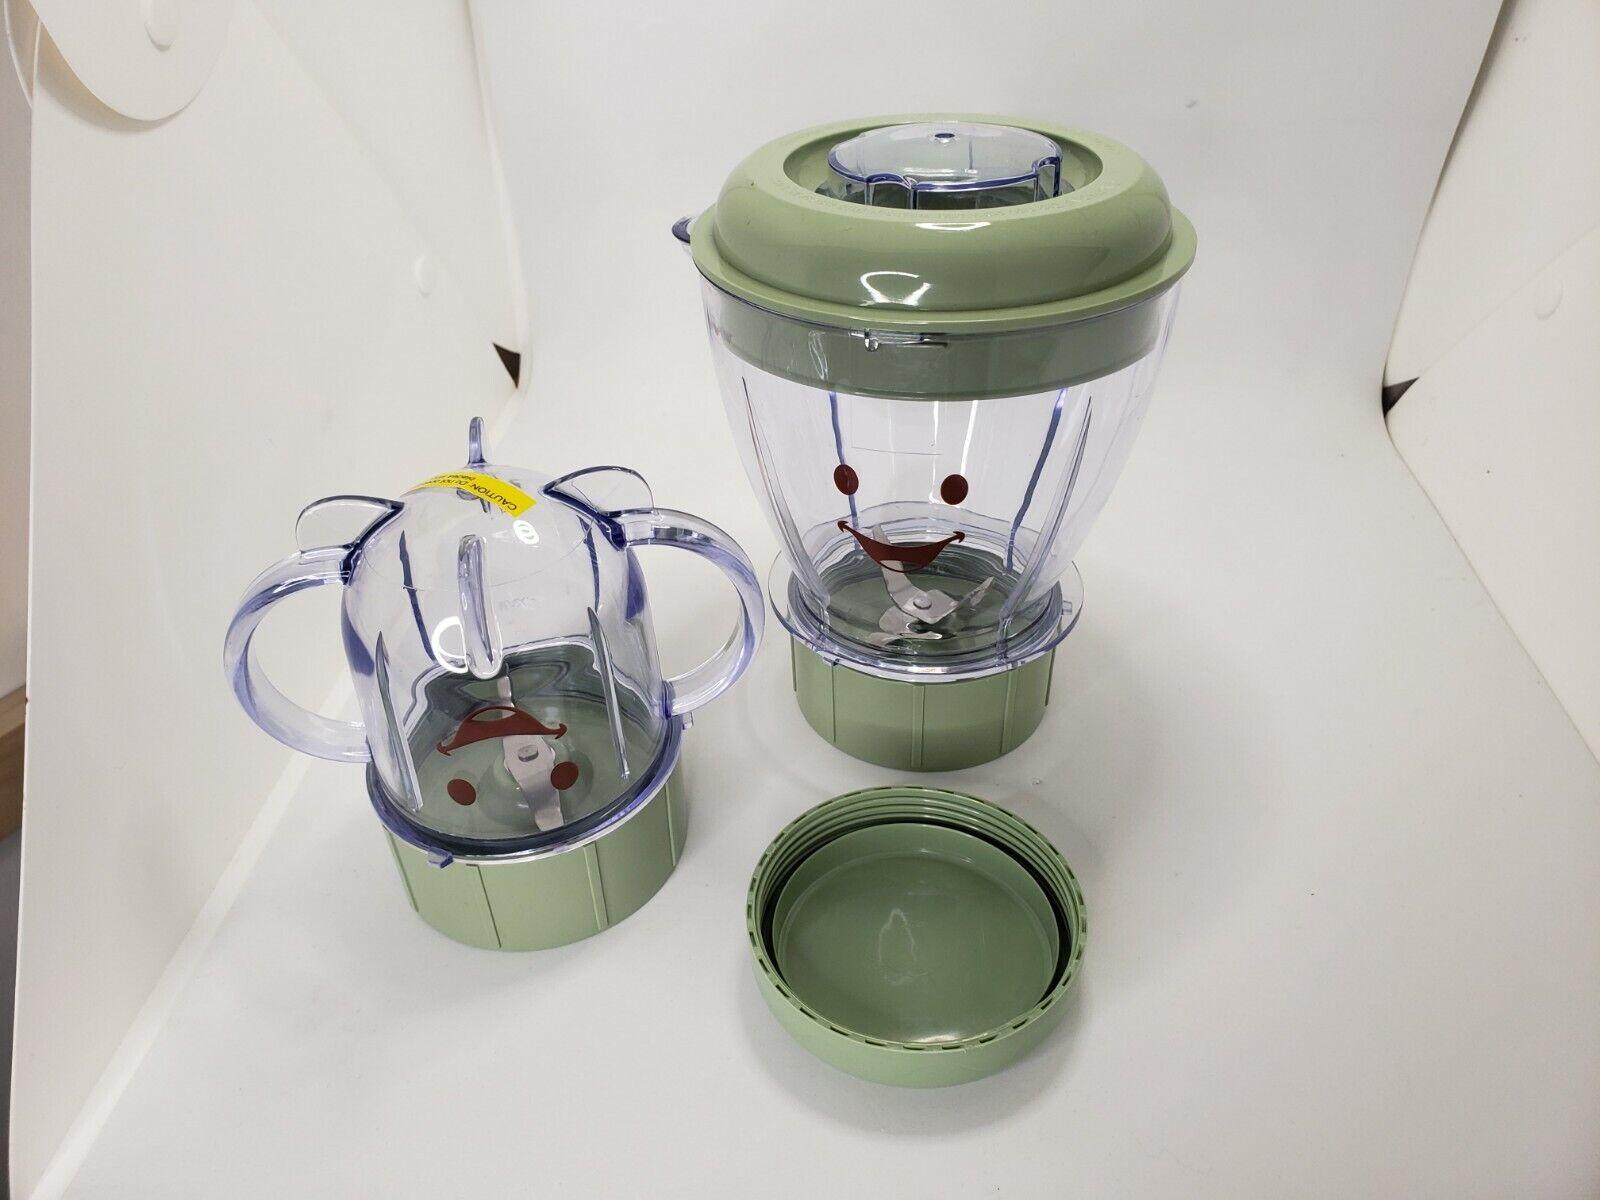 Baby Bullet 6 Pieces Milling 2 Blades 2 Lids 2 Cups Food Preparing Blender - $12.99